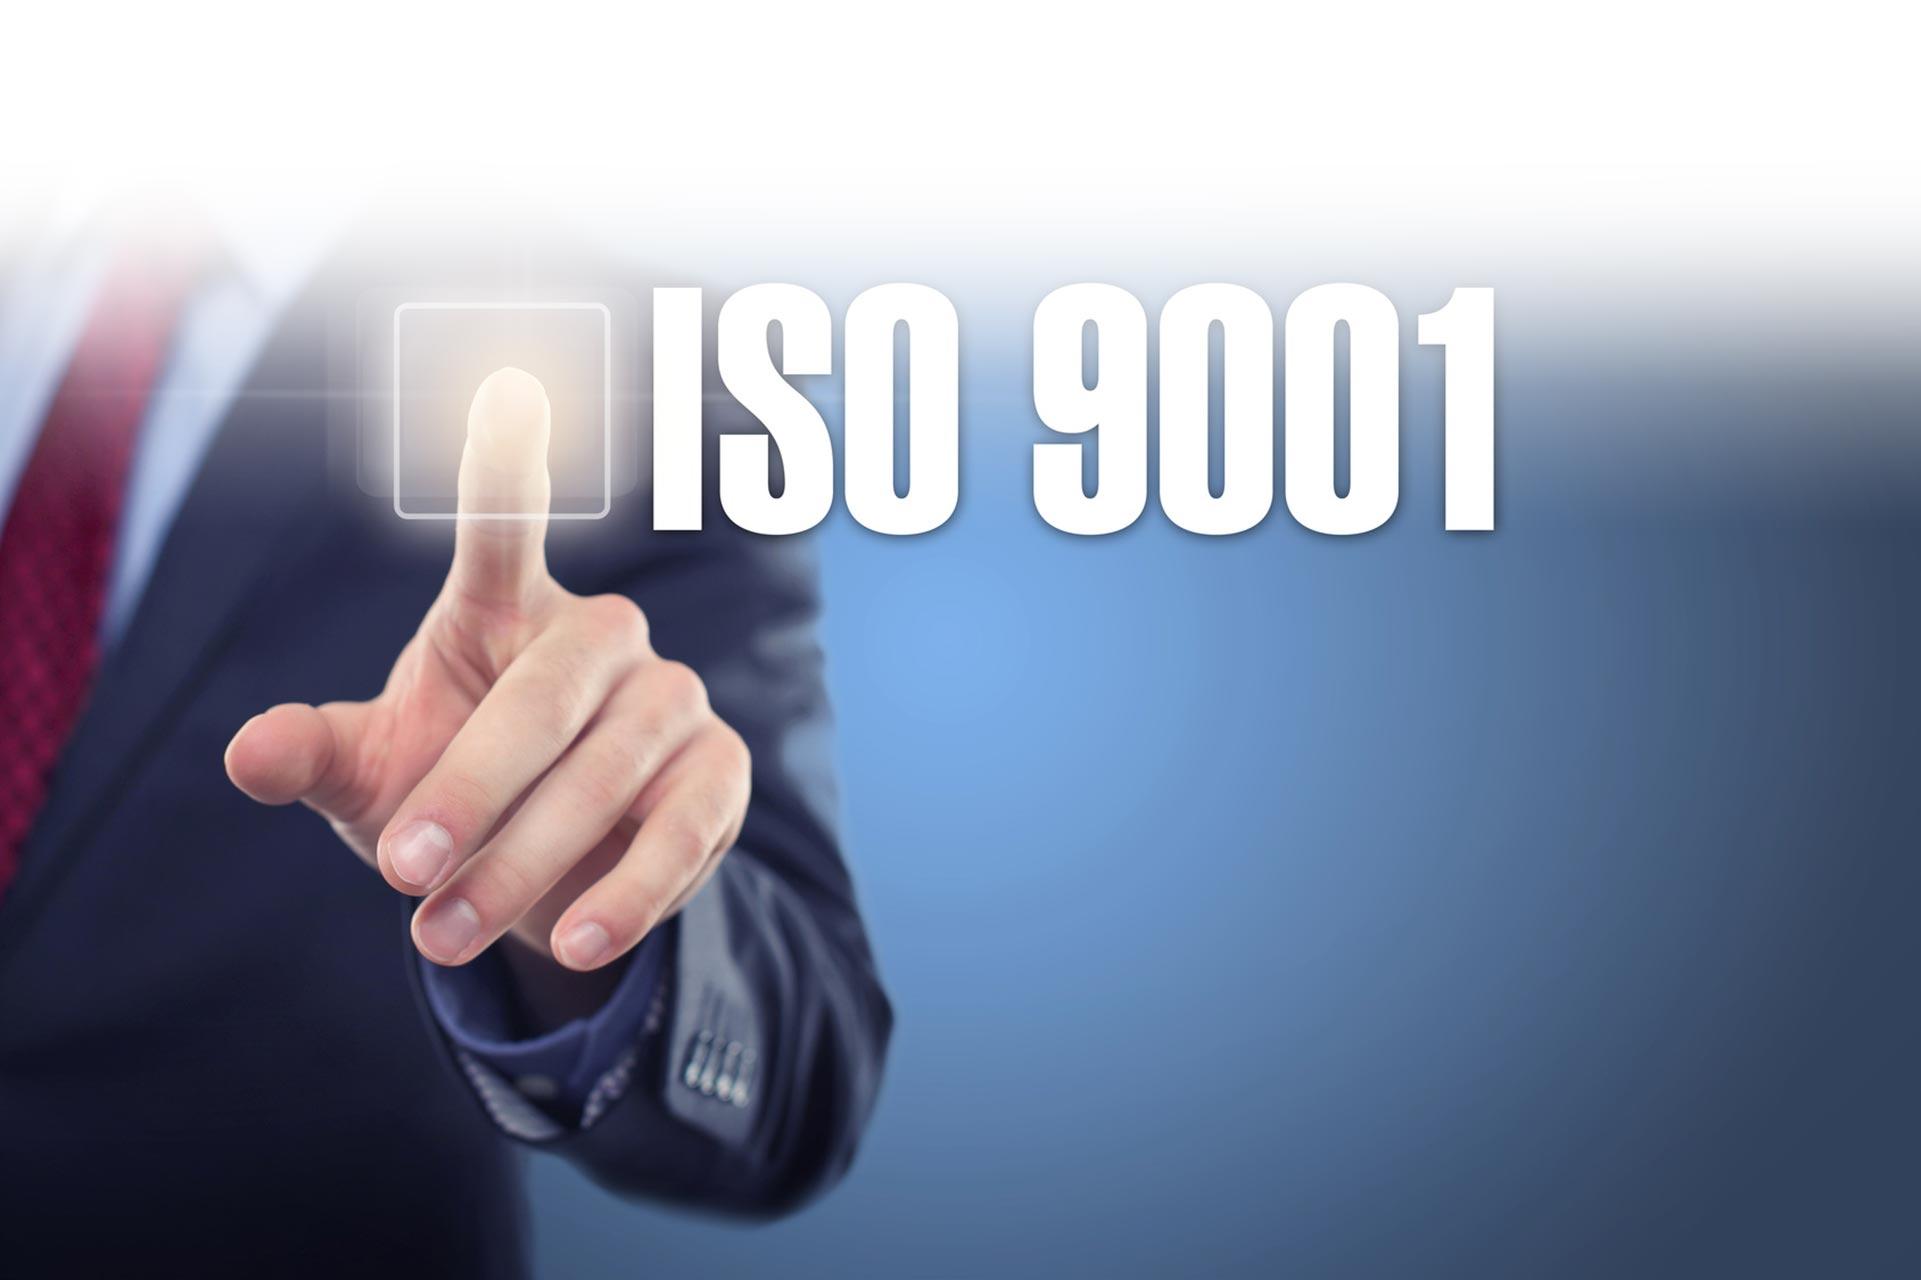 30 марта 2018 г. Фонд поддержки предпринимательства Республики Северная Осетия-Алания успешно прошел сертификационный аудит на соответствие требованиям международного стандарта качества ISO 9001:2015.